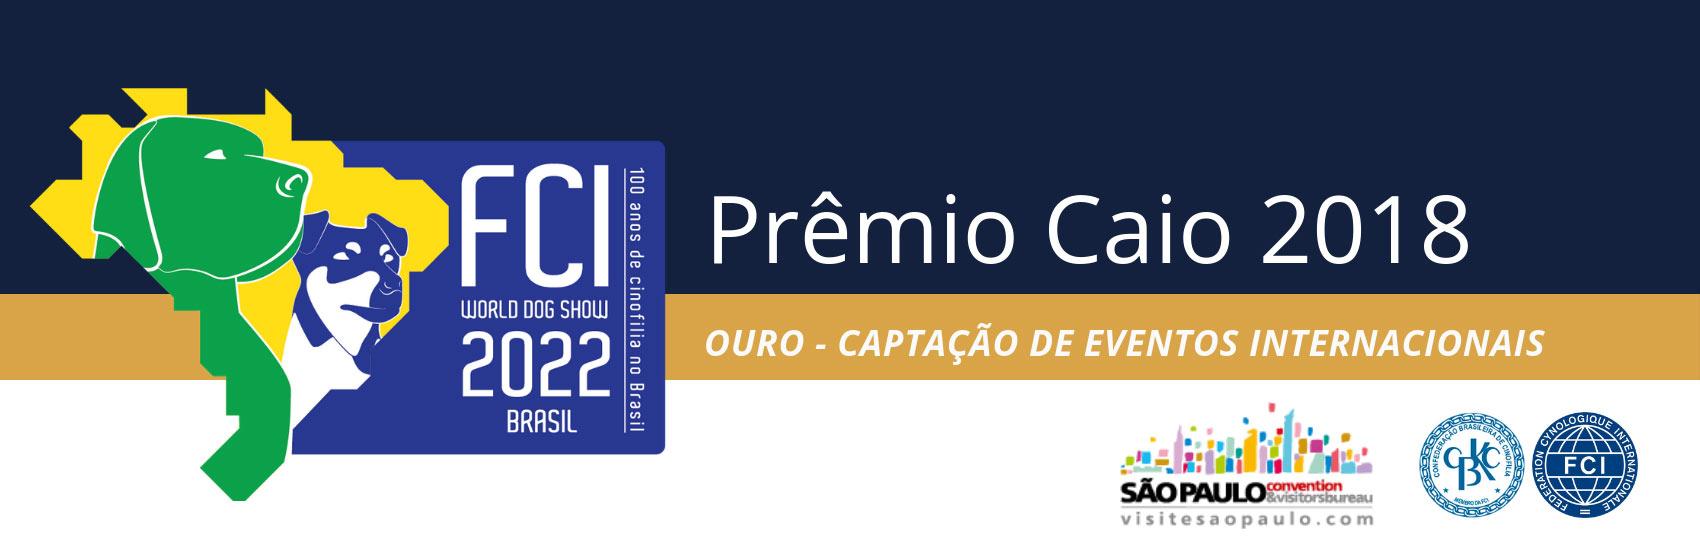 Premio Caio da CBKC